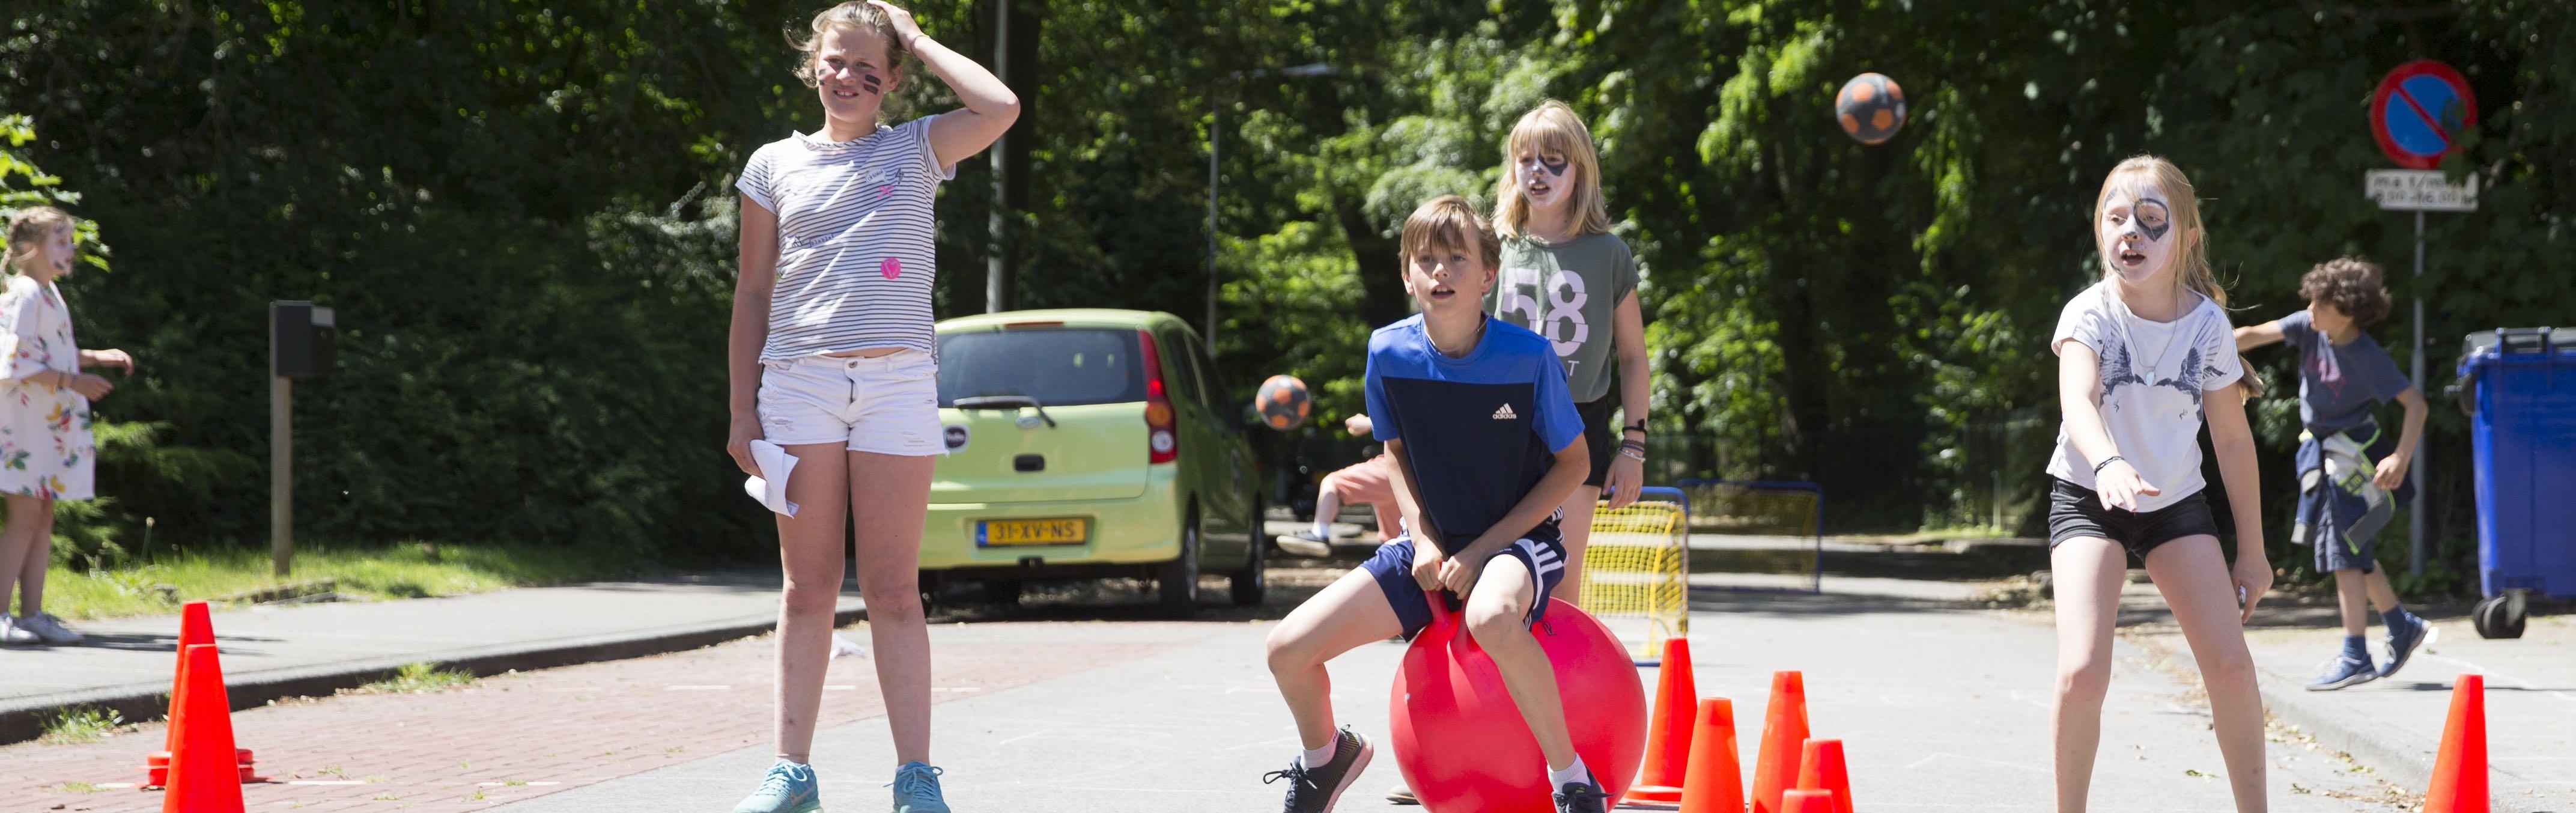 De Dennenweg kidsproof op de nationale buitenspeeldag